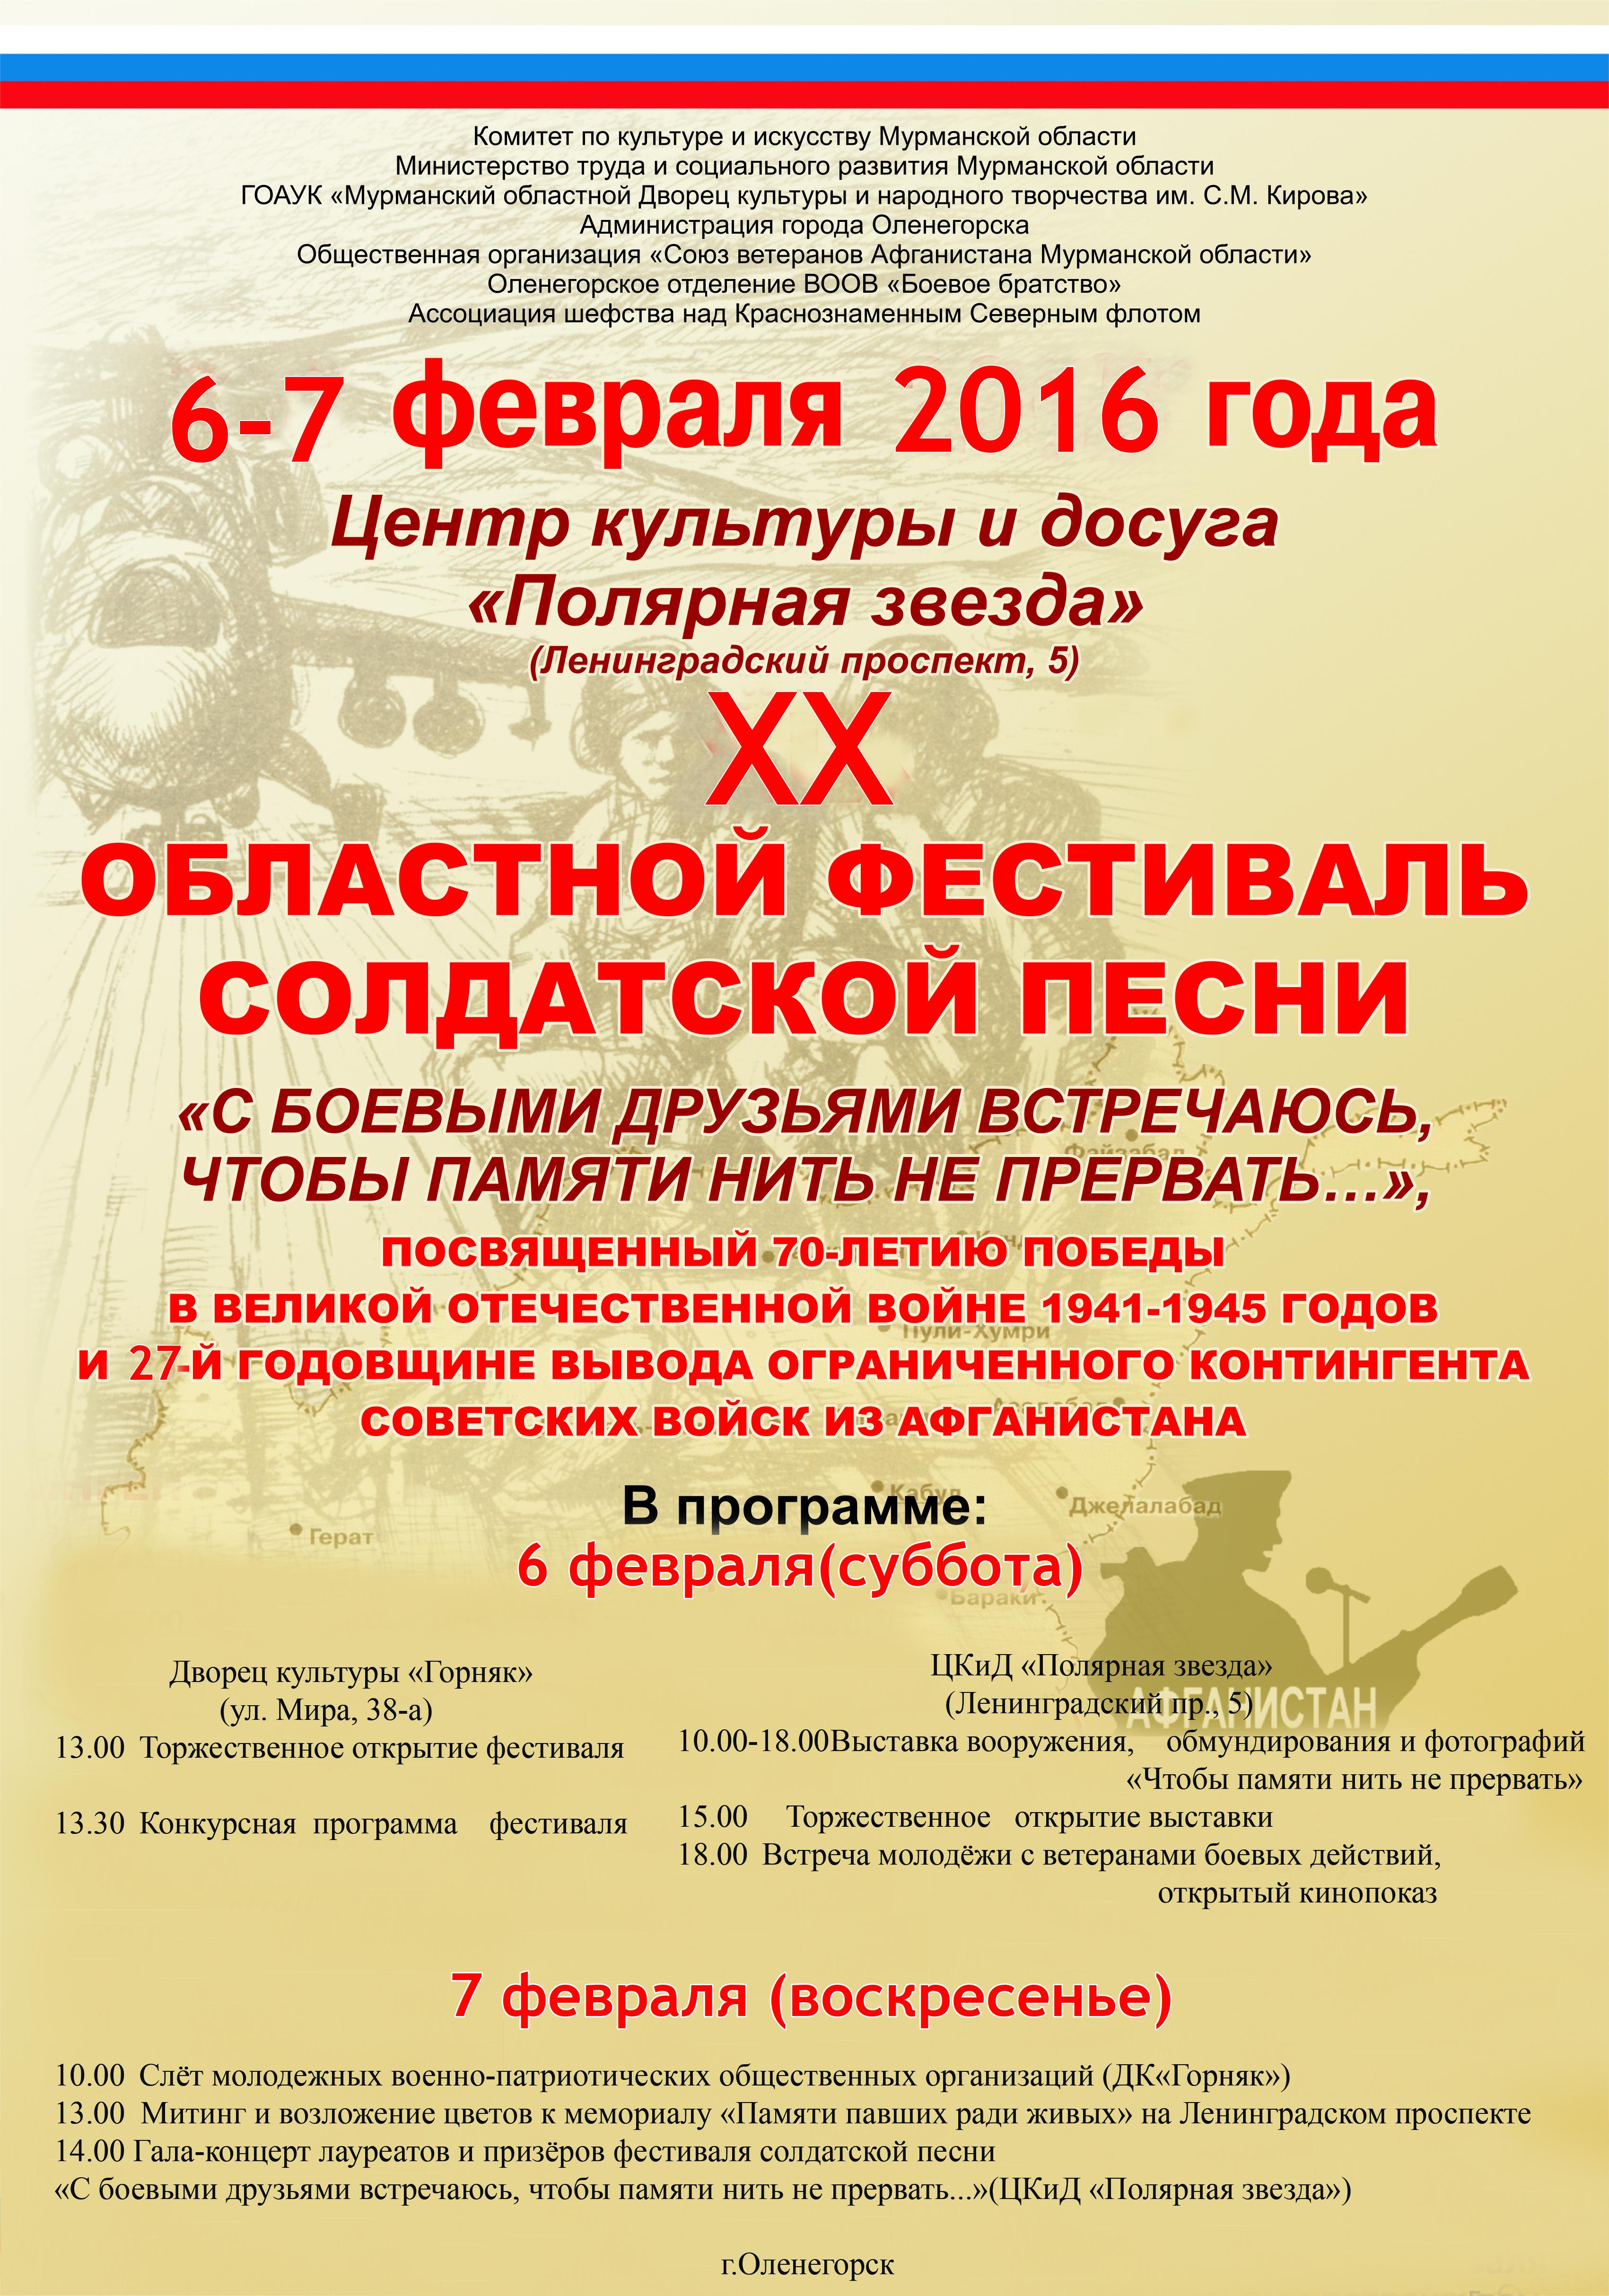 Фестиваль солдатской песни.jpg